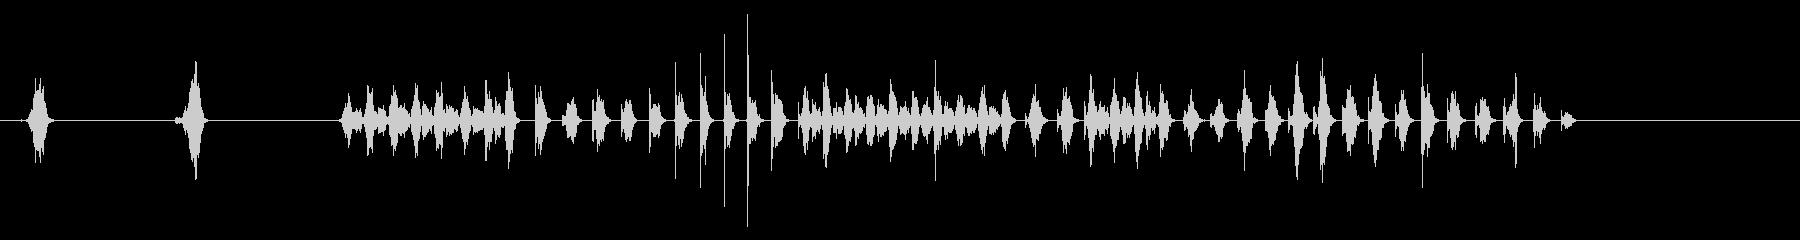 ウッドファイルの未再生の波形